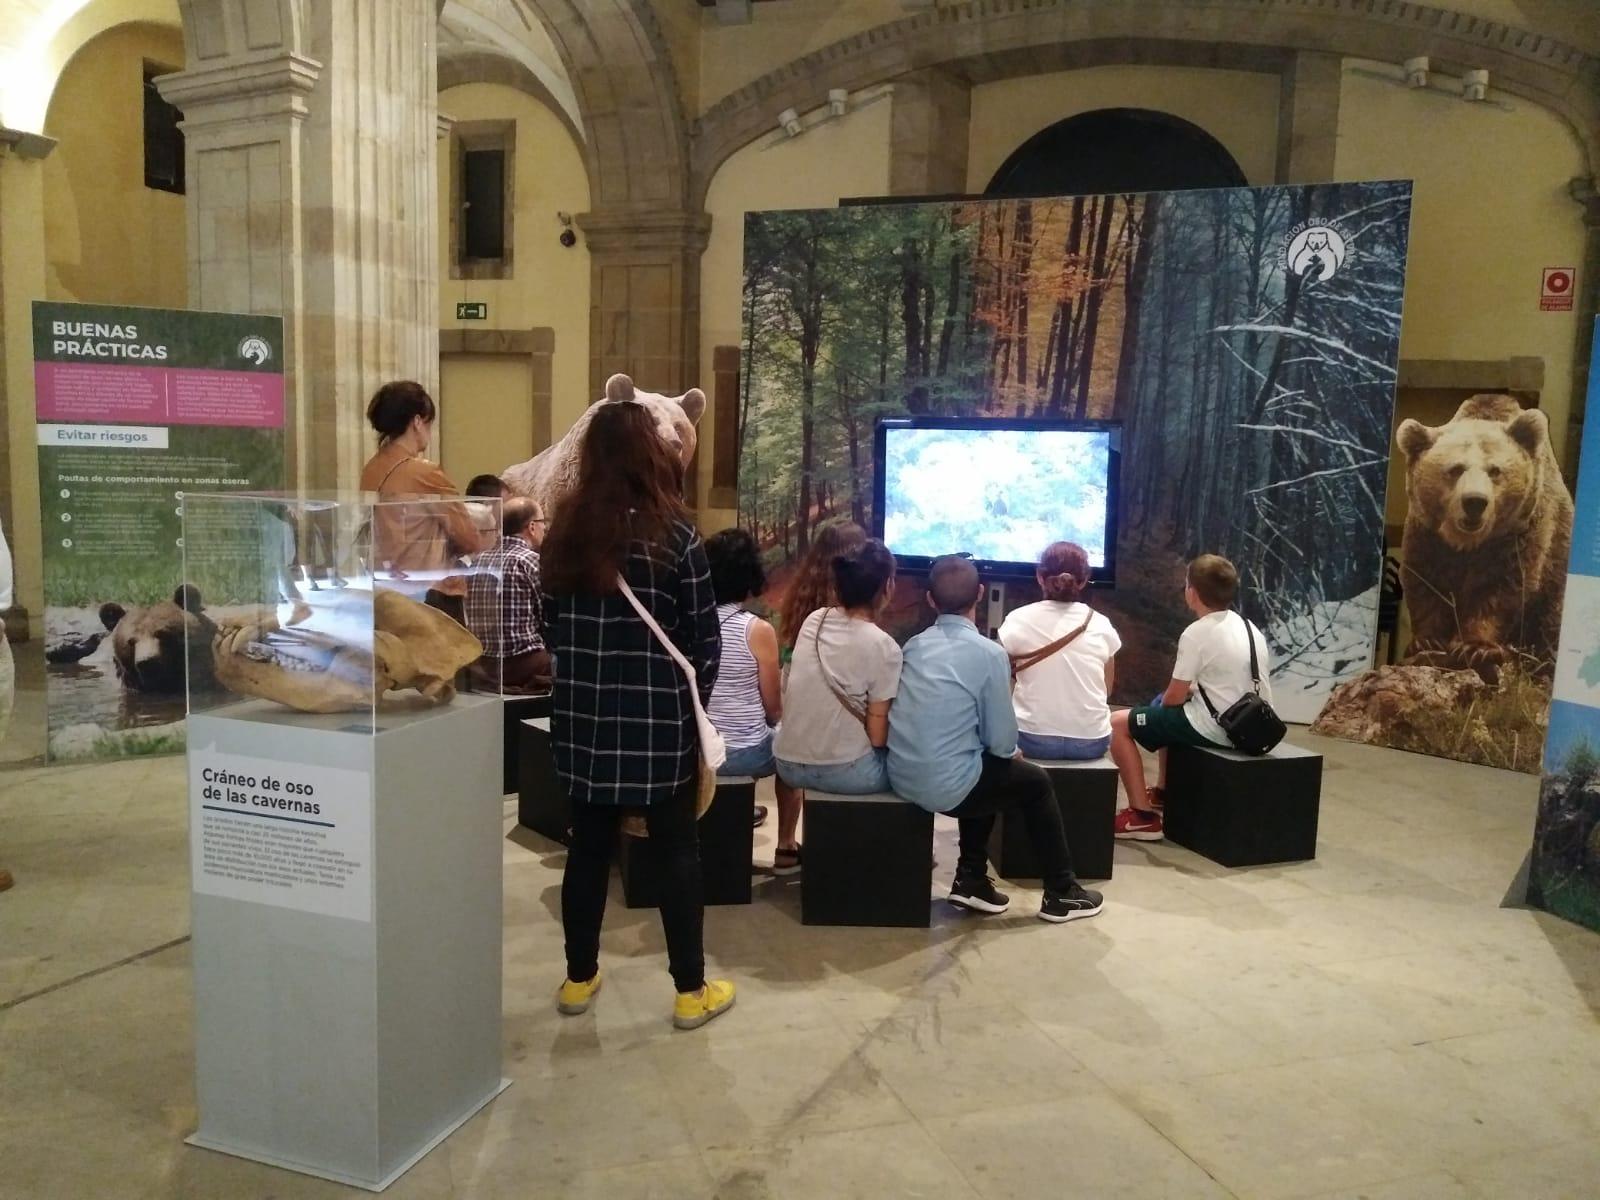 'Vivir con osos' concluye su estancia en la Colegiata San Juan Bautista de Gijón con más de 33.500 visitantes